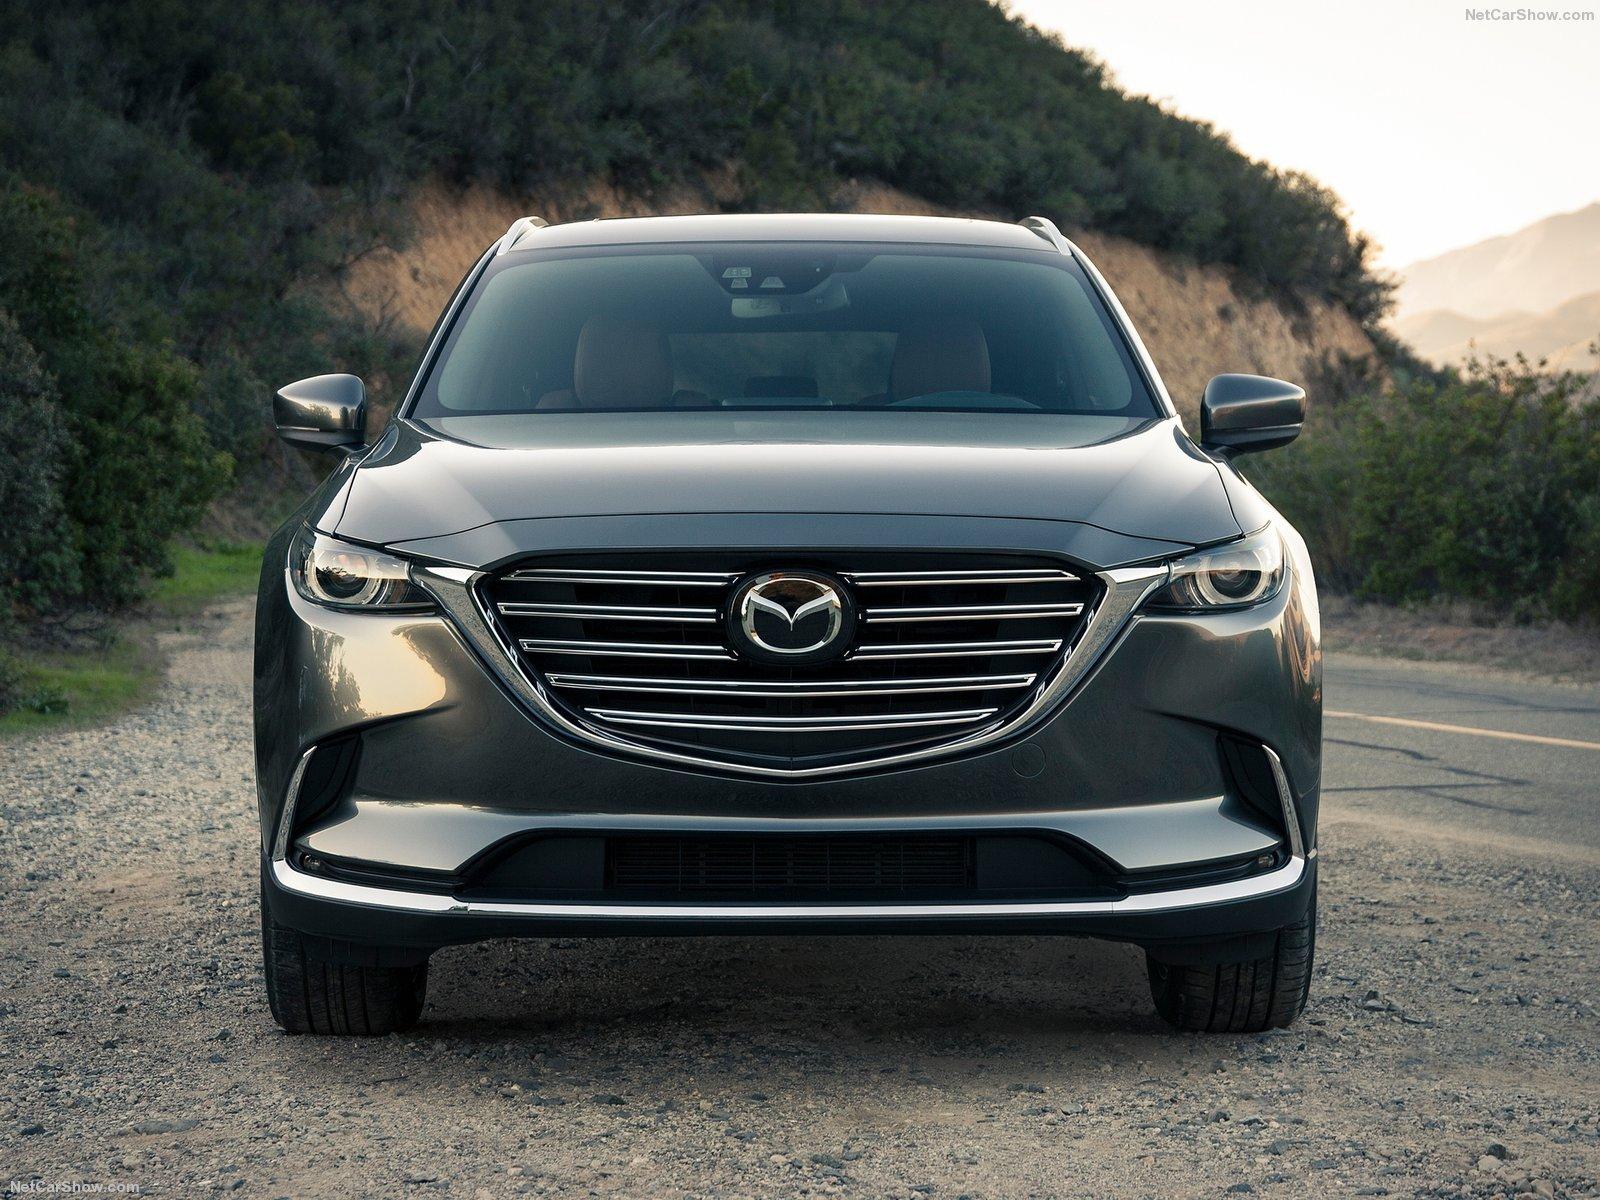 Mazda CX-9 2020: второе поколение японского кроссовера с богатыми комплектациями, обновленными характеристиками и дизайном